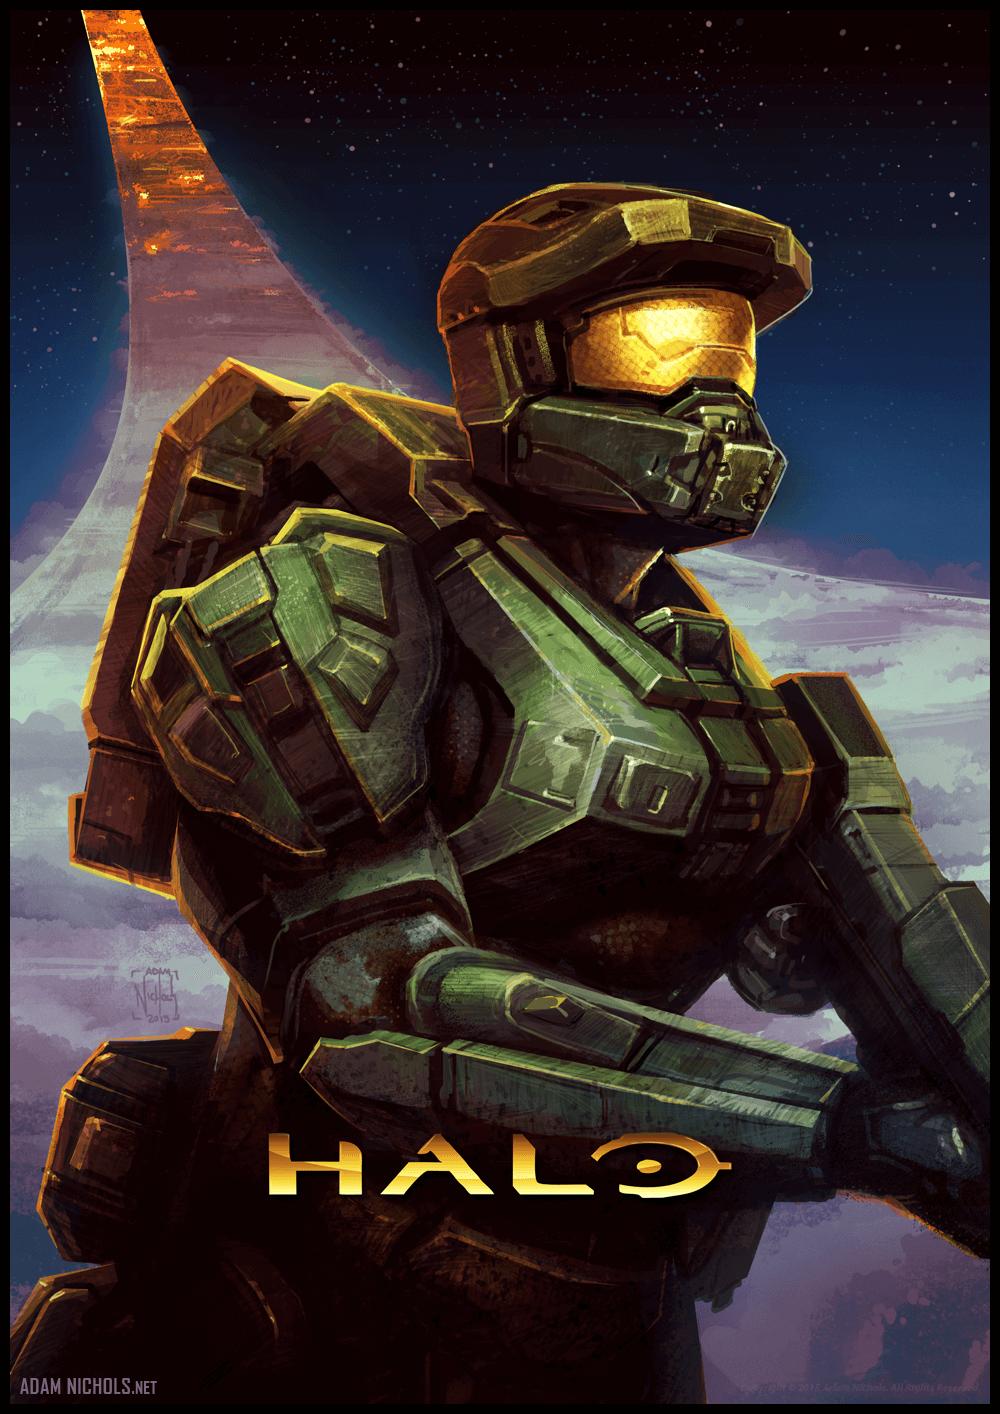 Halo Illustration - Fan Artwork by Adam Nichols